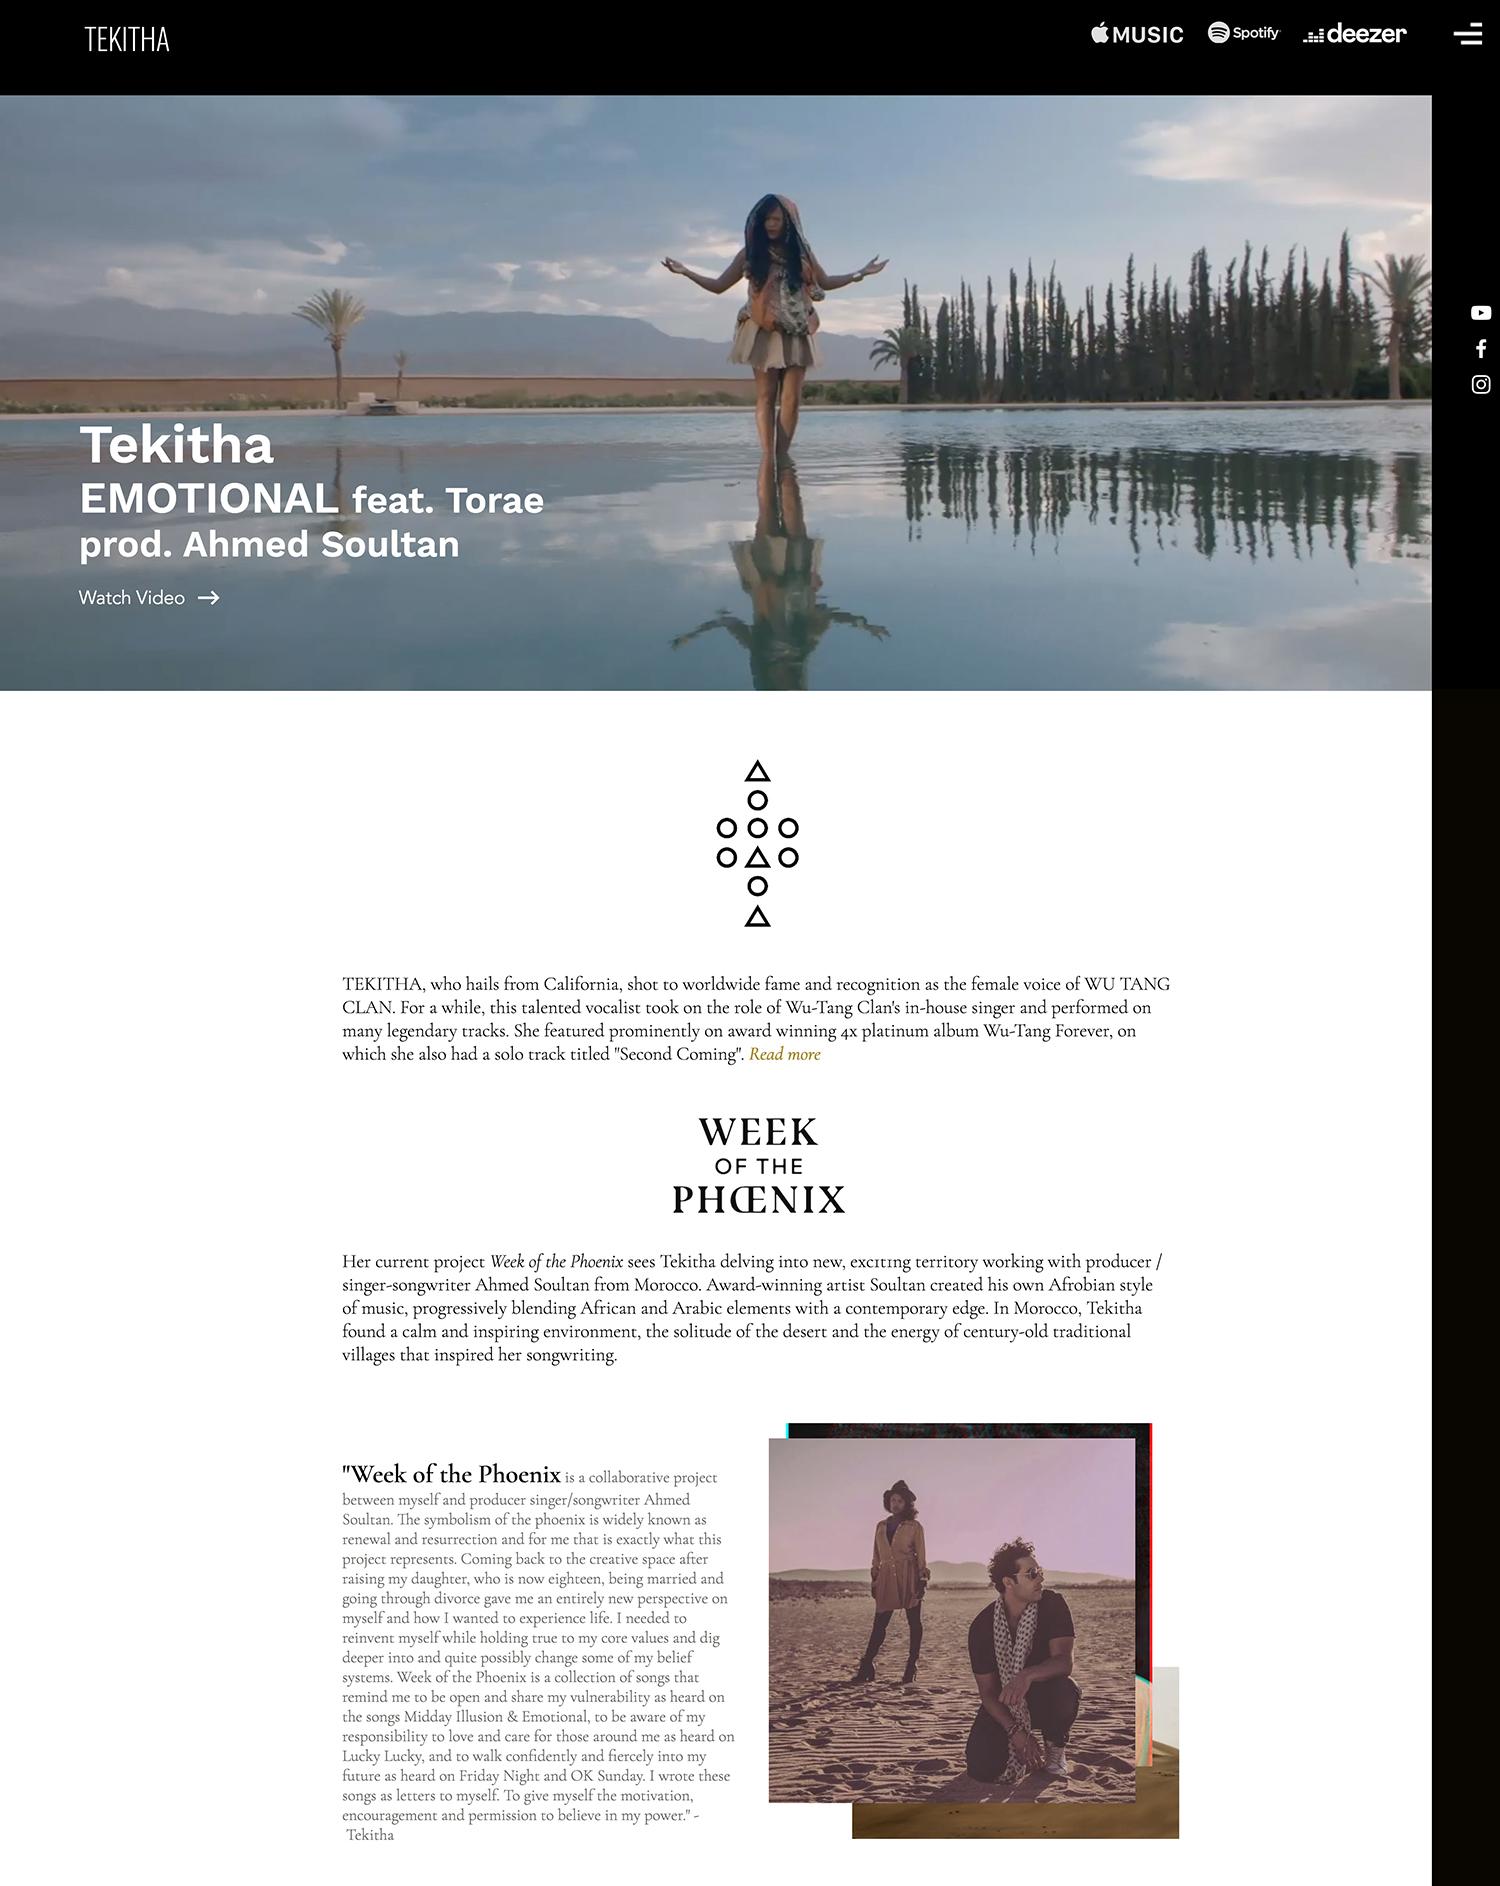 tekitha-websitedesign-studiolxr